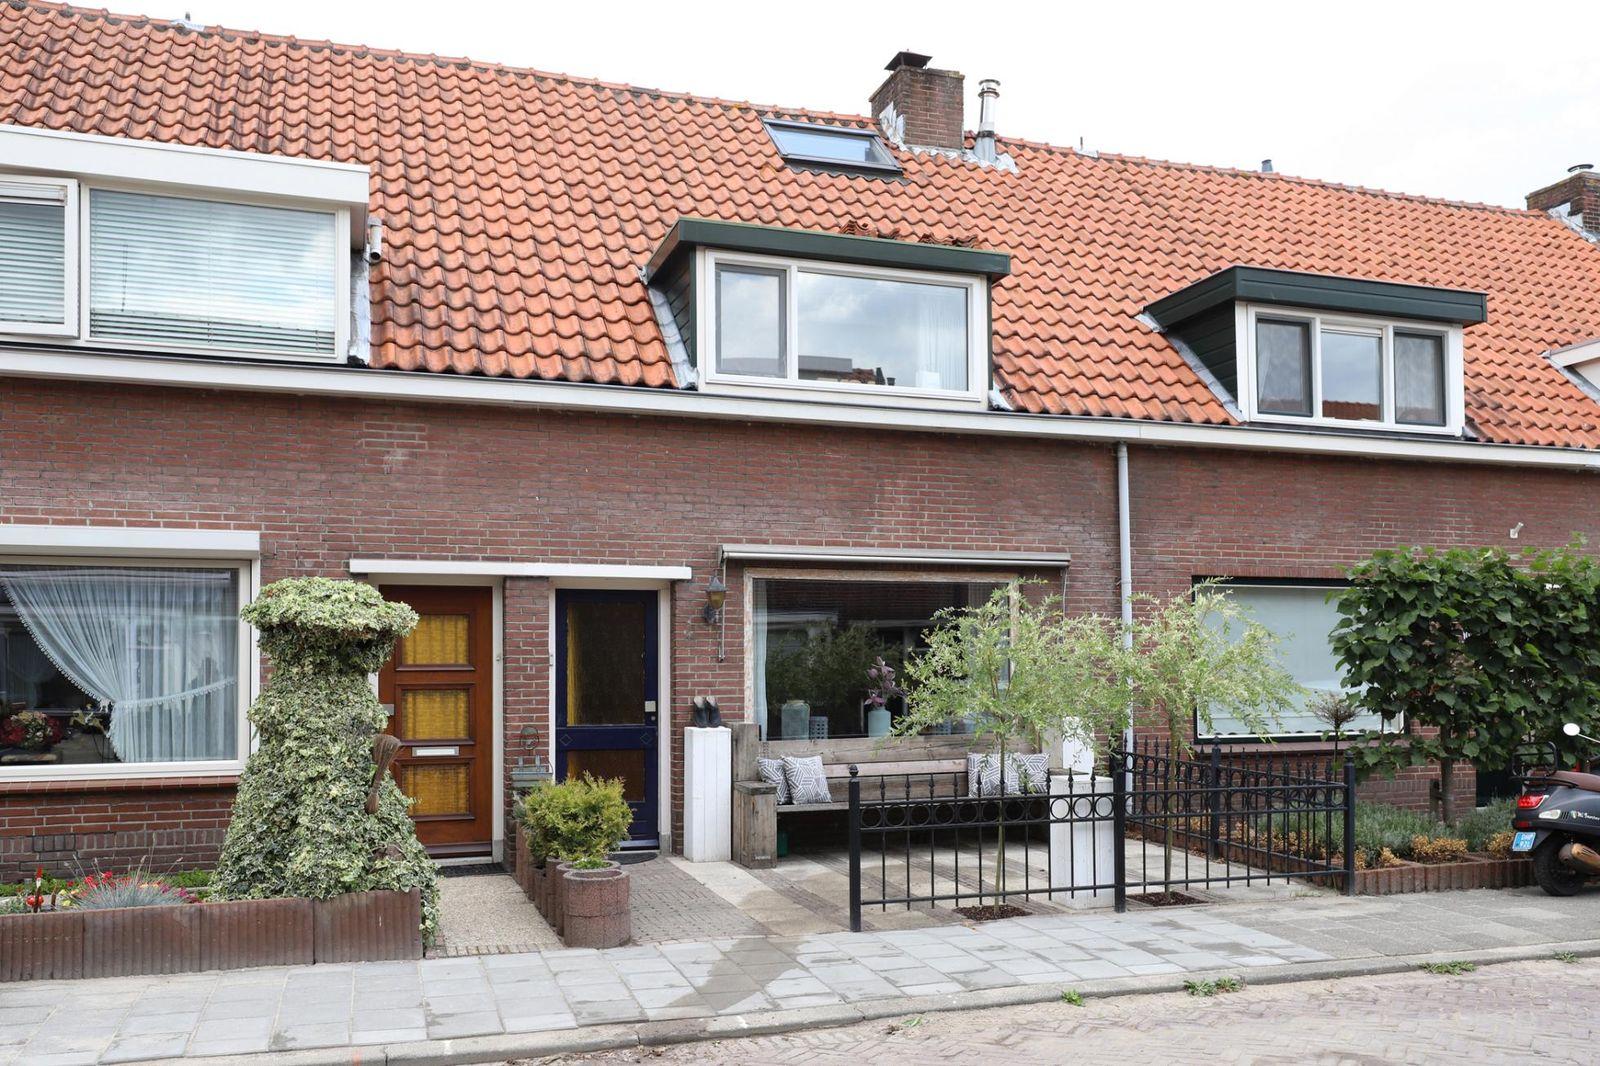 Van der Leestraat 8, Alblasserdam